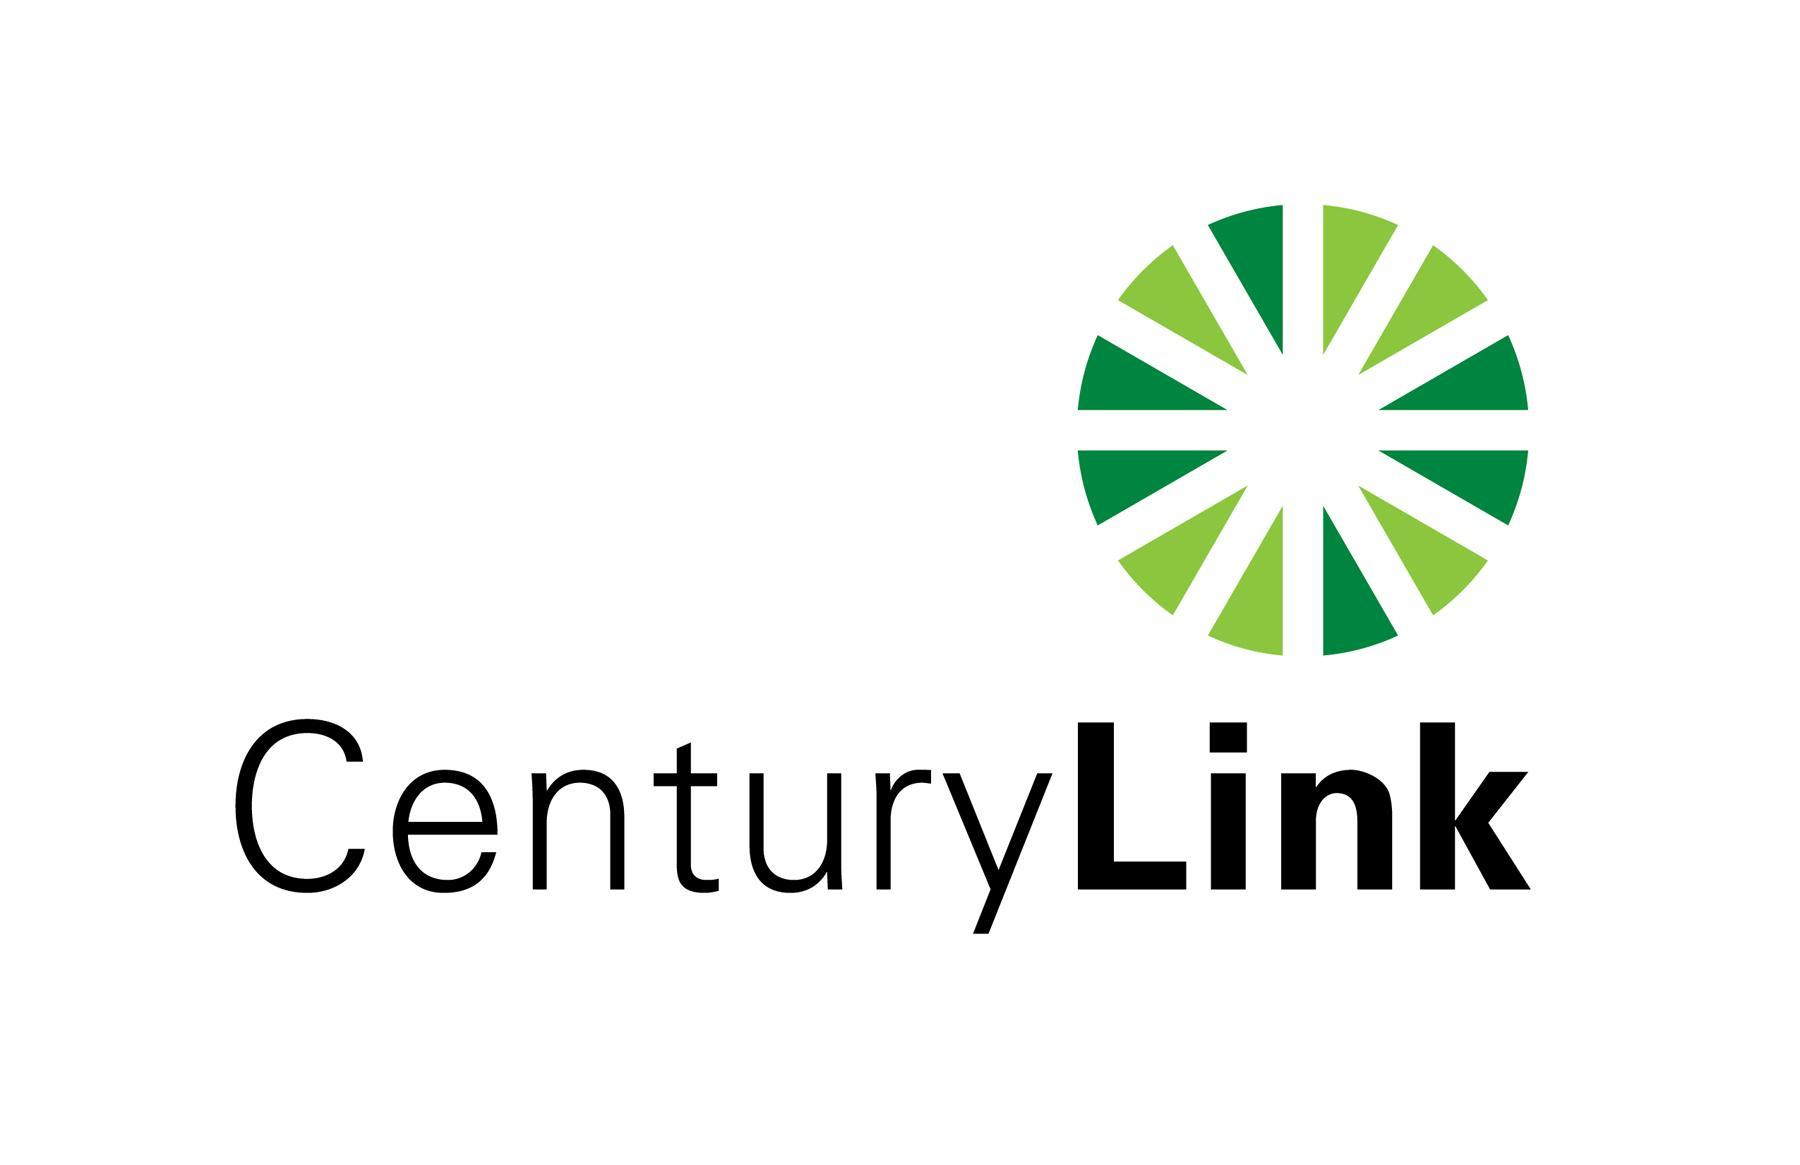 centurylink_logo_297.jpg